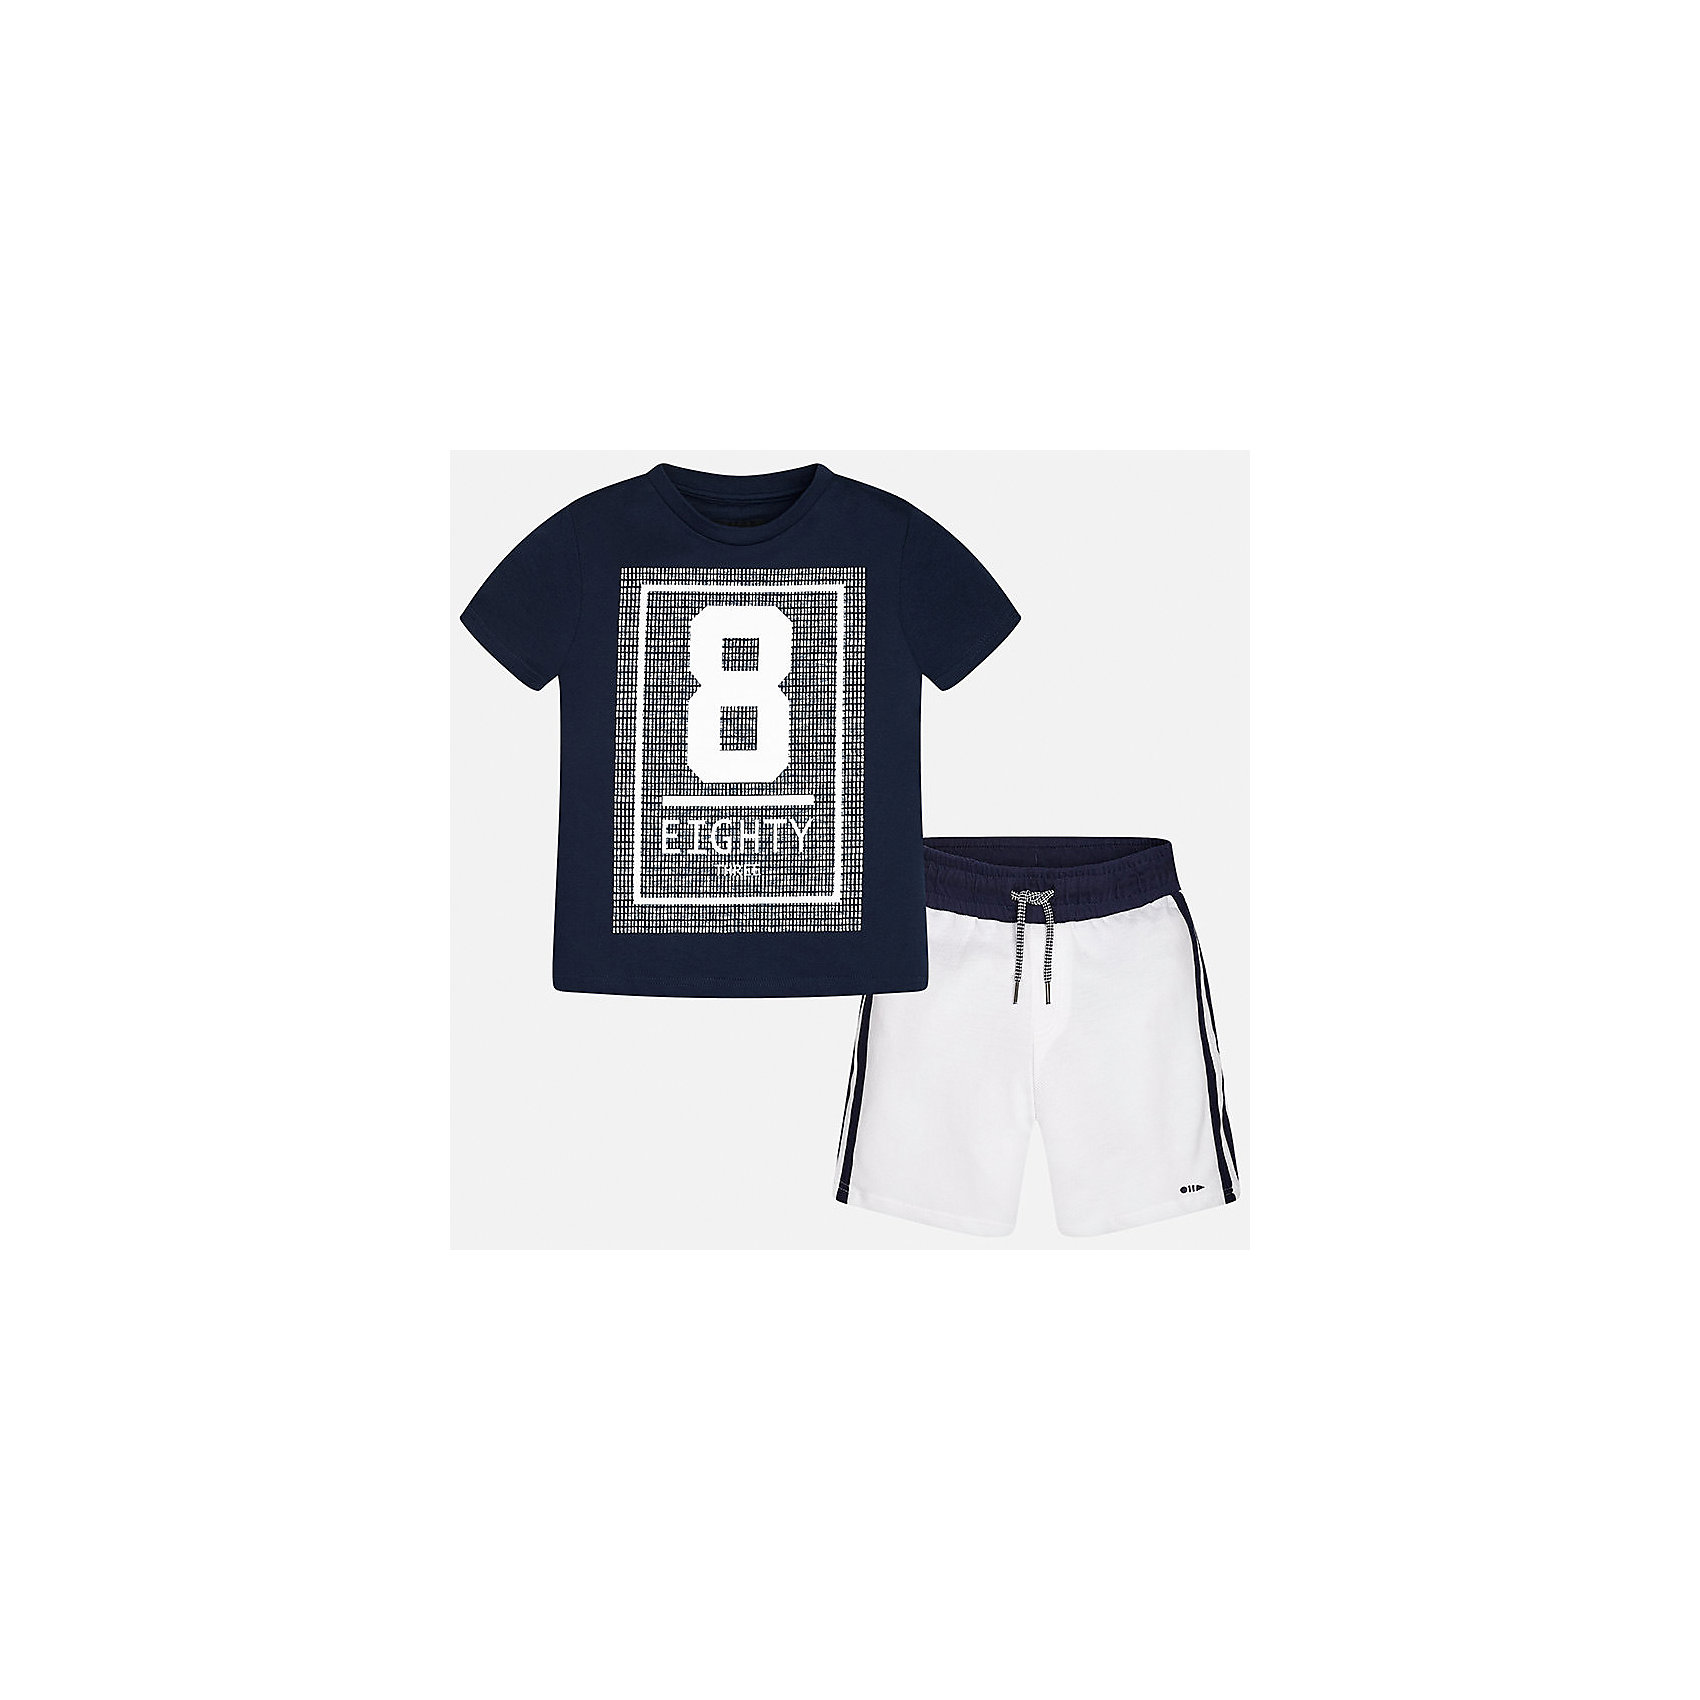 Комплект: футболка и шорты для мальчика MayoralХарактеристики товара:<br><br>• цвет: синий/белый<br>• состав: 100% хлопок<br>• комплектация: шорты, футболка<br>• круглый горловой вырез<br>• декорирована принтом<br>• короткие рукава<br>• шорты - пояс со шнурком<br>• страна бренда: Испания<br><br>Стильная удобная футболка с принтом и шорты помогут разнообразить гардероб мальчика и удобно одеться. Универсальный цвет позволяет подобрать к вещам верхнюю одежду практически любой расцветки. Интересная отделка модели делает её нарядной и оригинальной. В составе материала - только натуральный хлопок, гипоаллергенный, приятный на ощупь, дышащий.<br><br>Одежда, обувь и аксессуары от испанского бренда Mayoral полюбились детям и взрослым по всему миру. Модели этой марки - стильные и удобные. Для их производства используются только безопасные, качественные материалы и фурнитура. Порадуйте ребенка модными и красивыми вещами от Mayoral! <br><br>Комплект для мальчика от испанского бренда Mayoral (Майорал) можно купить в нашем интернет-магазине.<br><br>Ширина мм: 215<br>Глубина мм: 88<br>Высота мм: 191<br>Вес г: 336<br>Цвет: синий<br>Возраст от месяцев: 84<br>Возраст до месяцев: 96<br>Пол: Мужской<br>Возраст: Детский<br>Размер: 128/134,170,140,152,158,164<br>SKU: 5294174